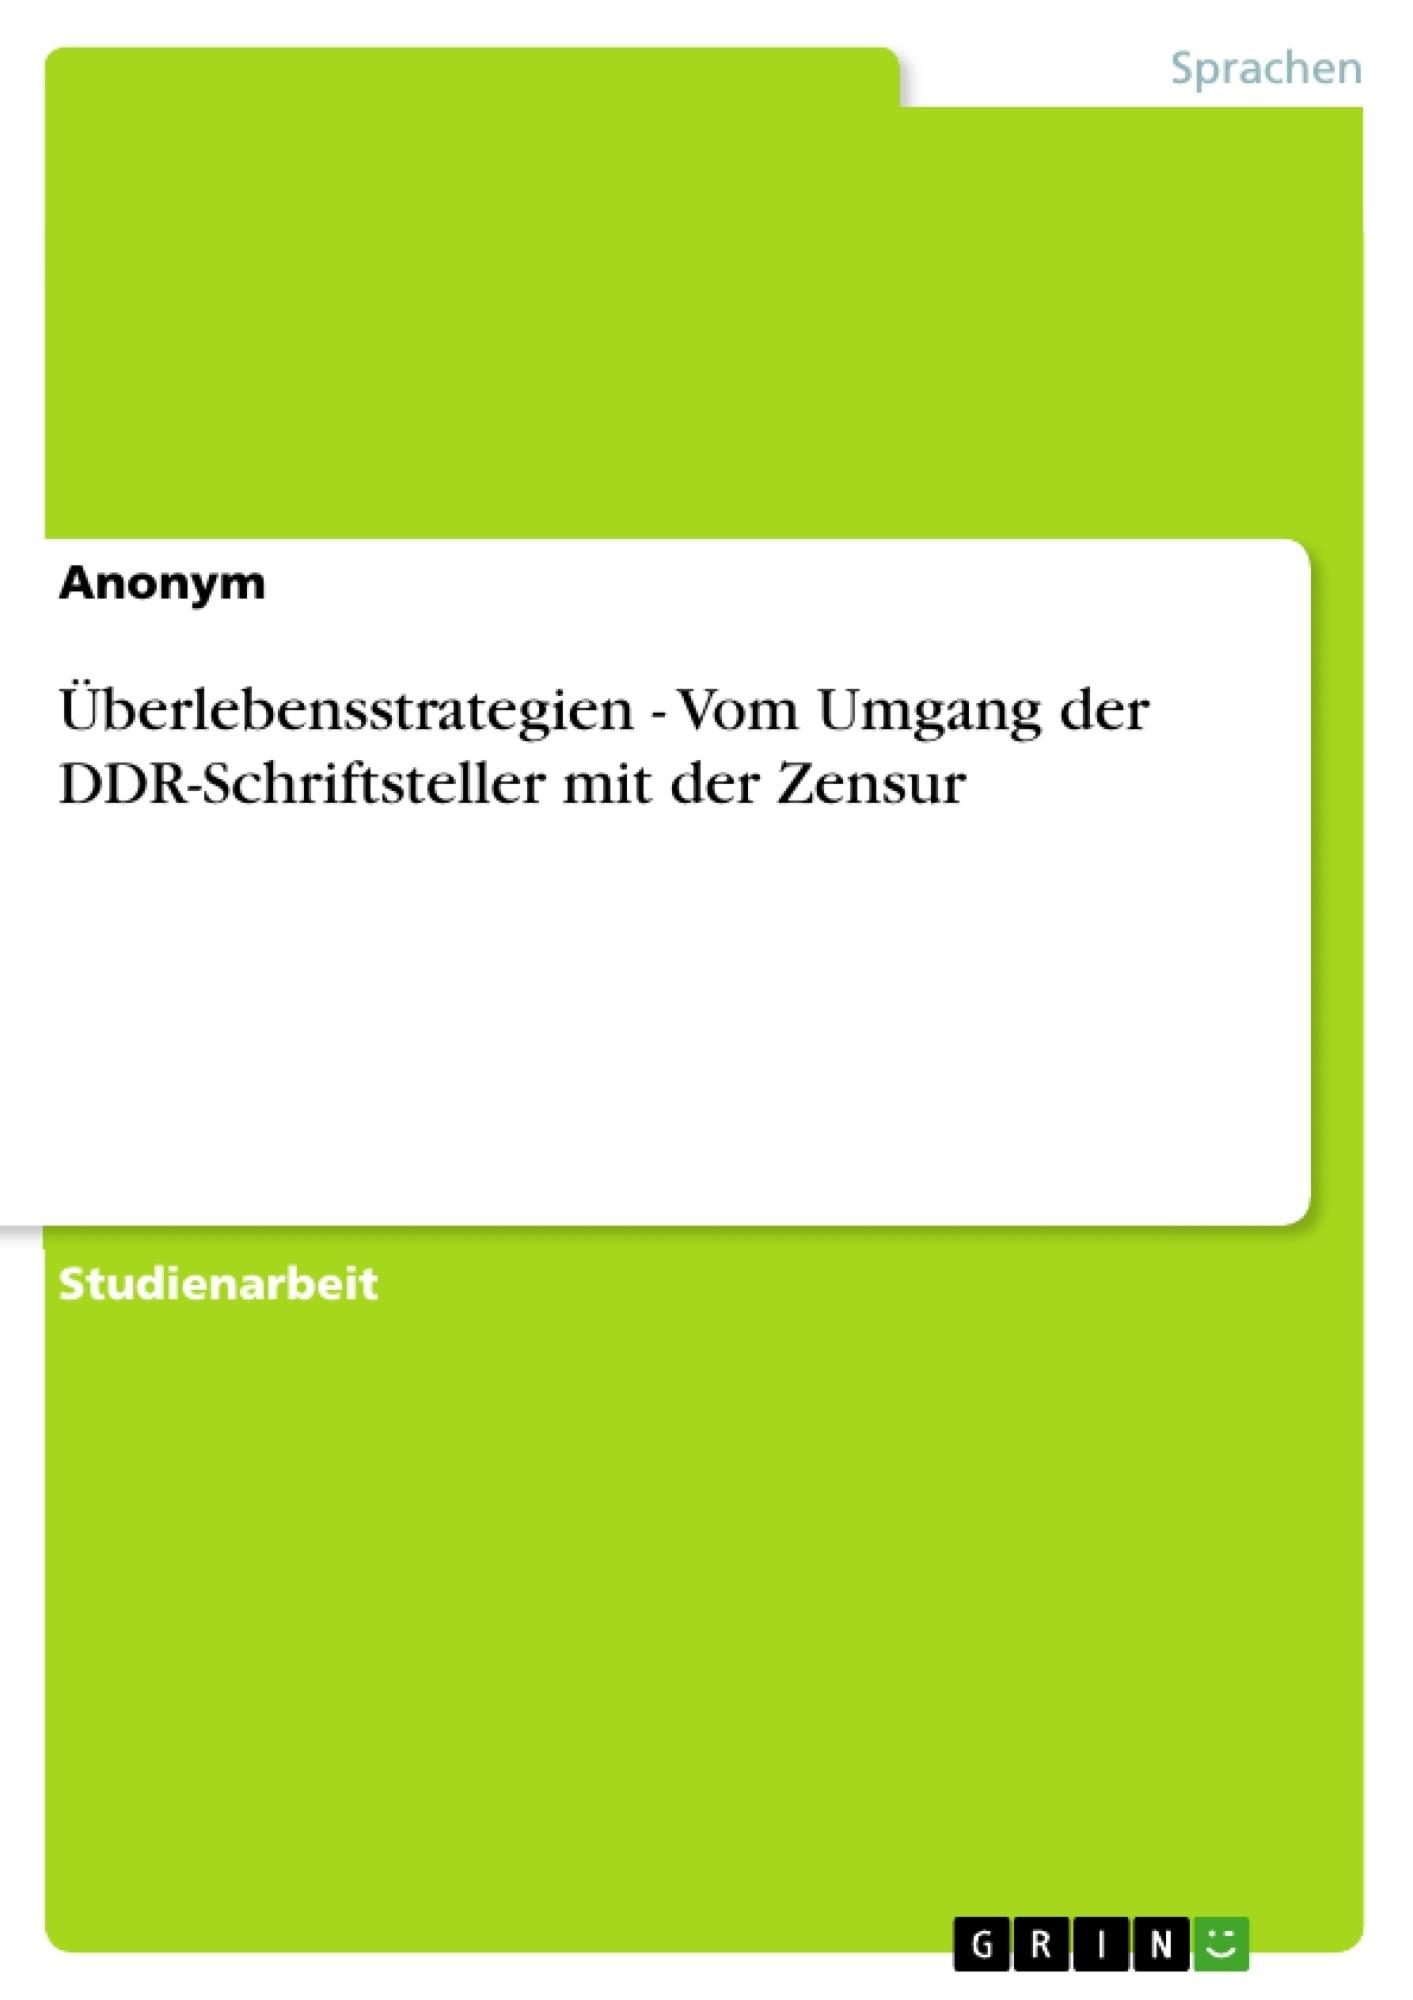 Überlebensstrategien - Vom Umgang der DDR-Schriftsteller mit der ...